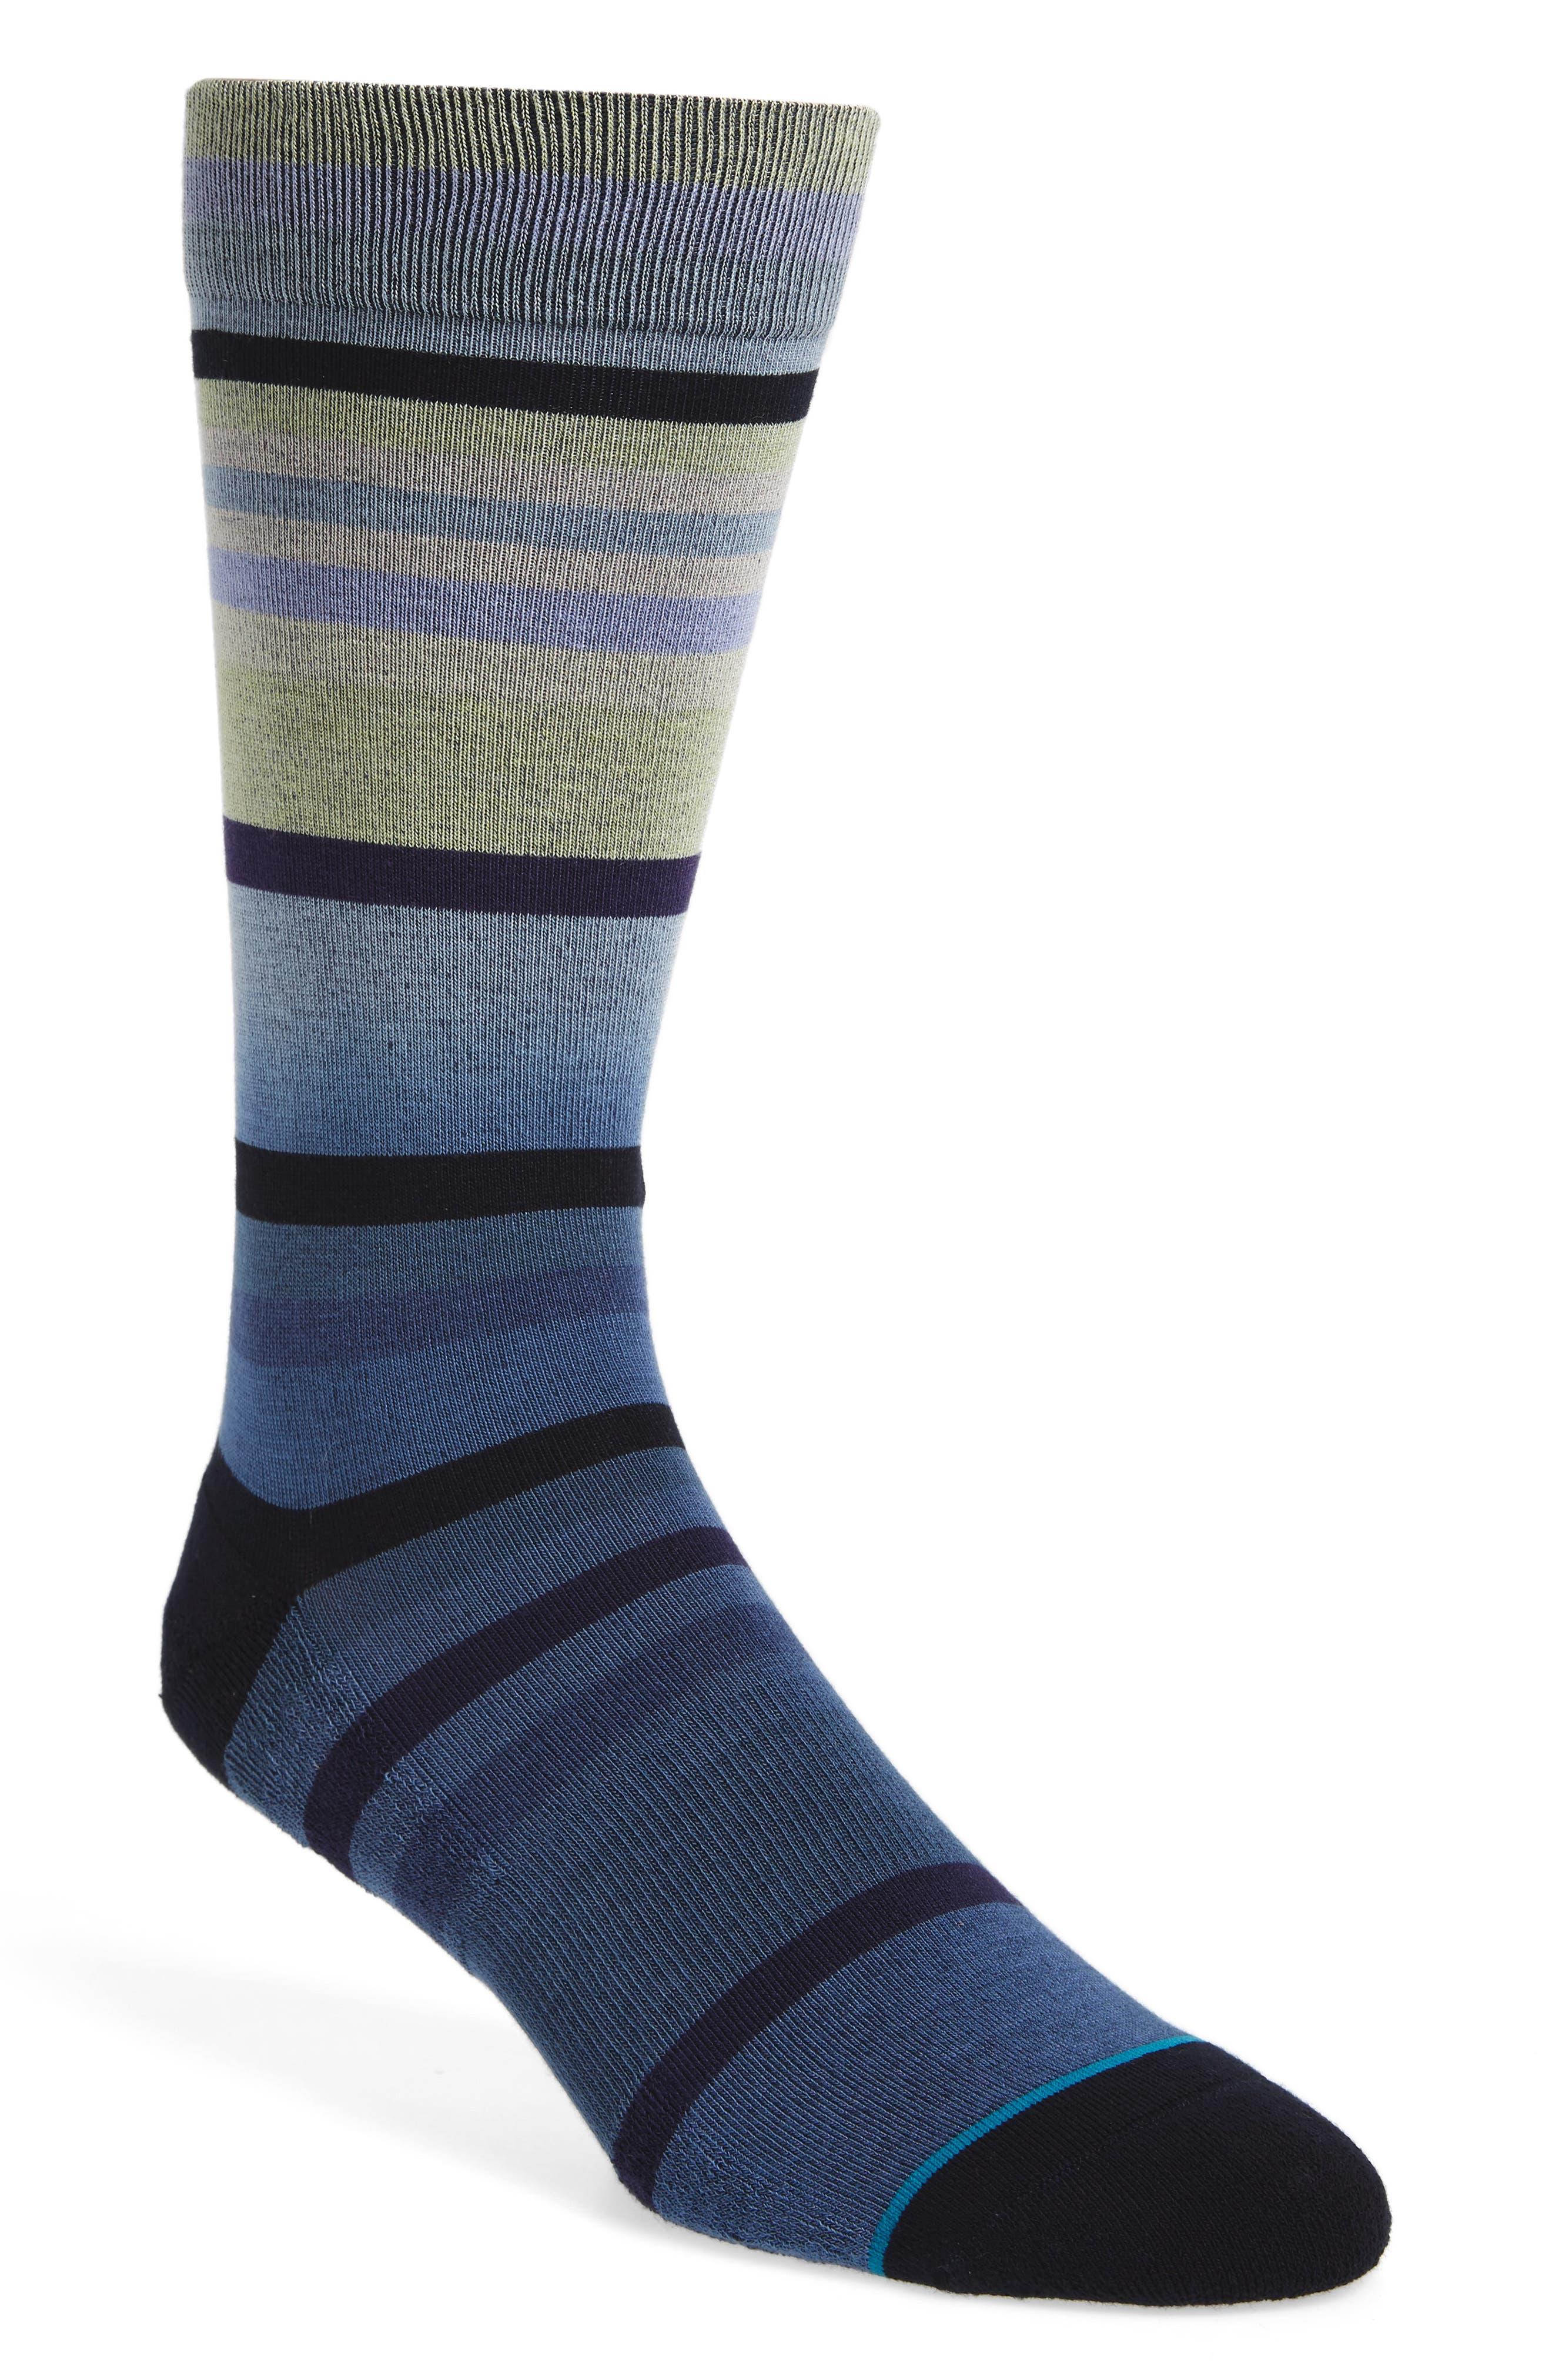 Reserve Worth Socks,                             Main thumbnail 1, color,                             Purple/ Black